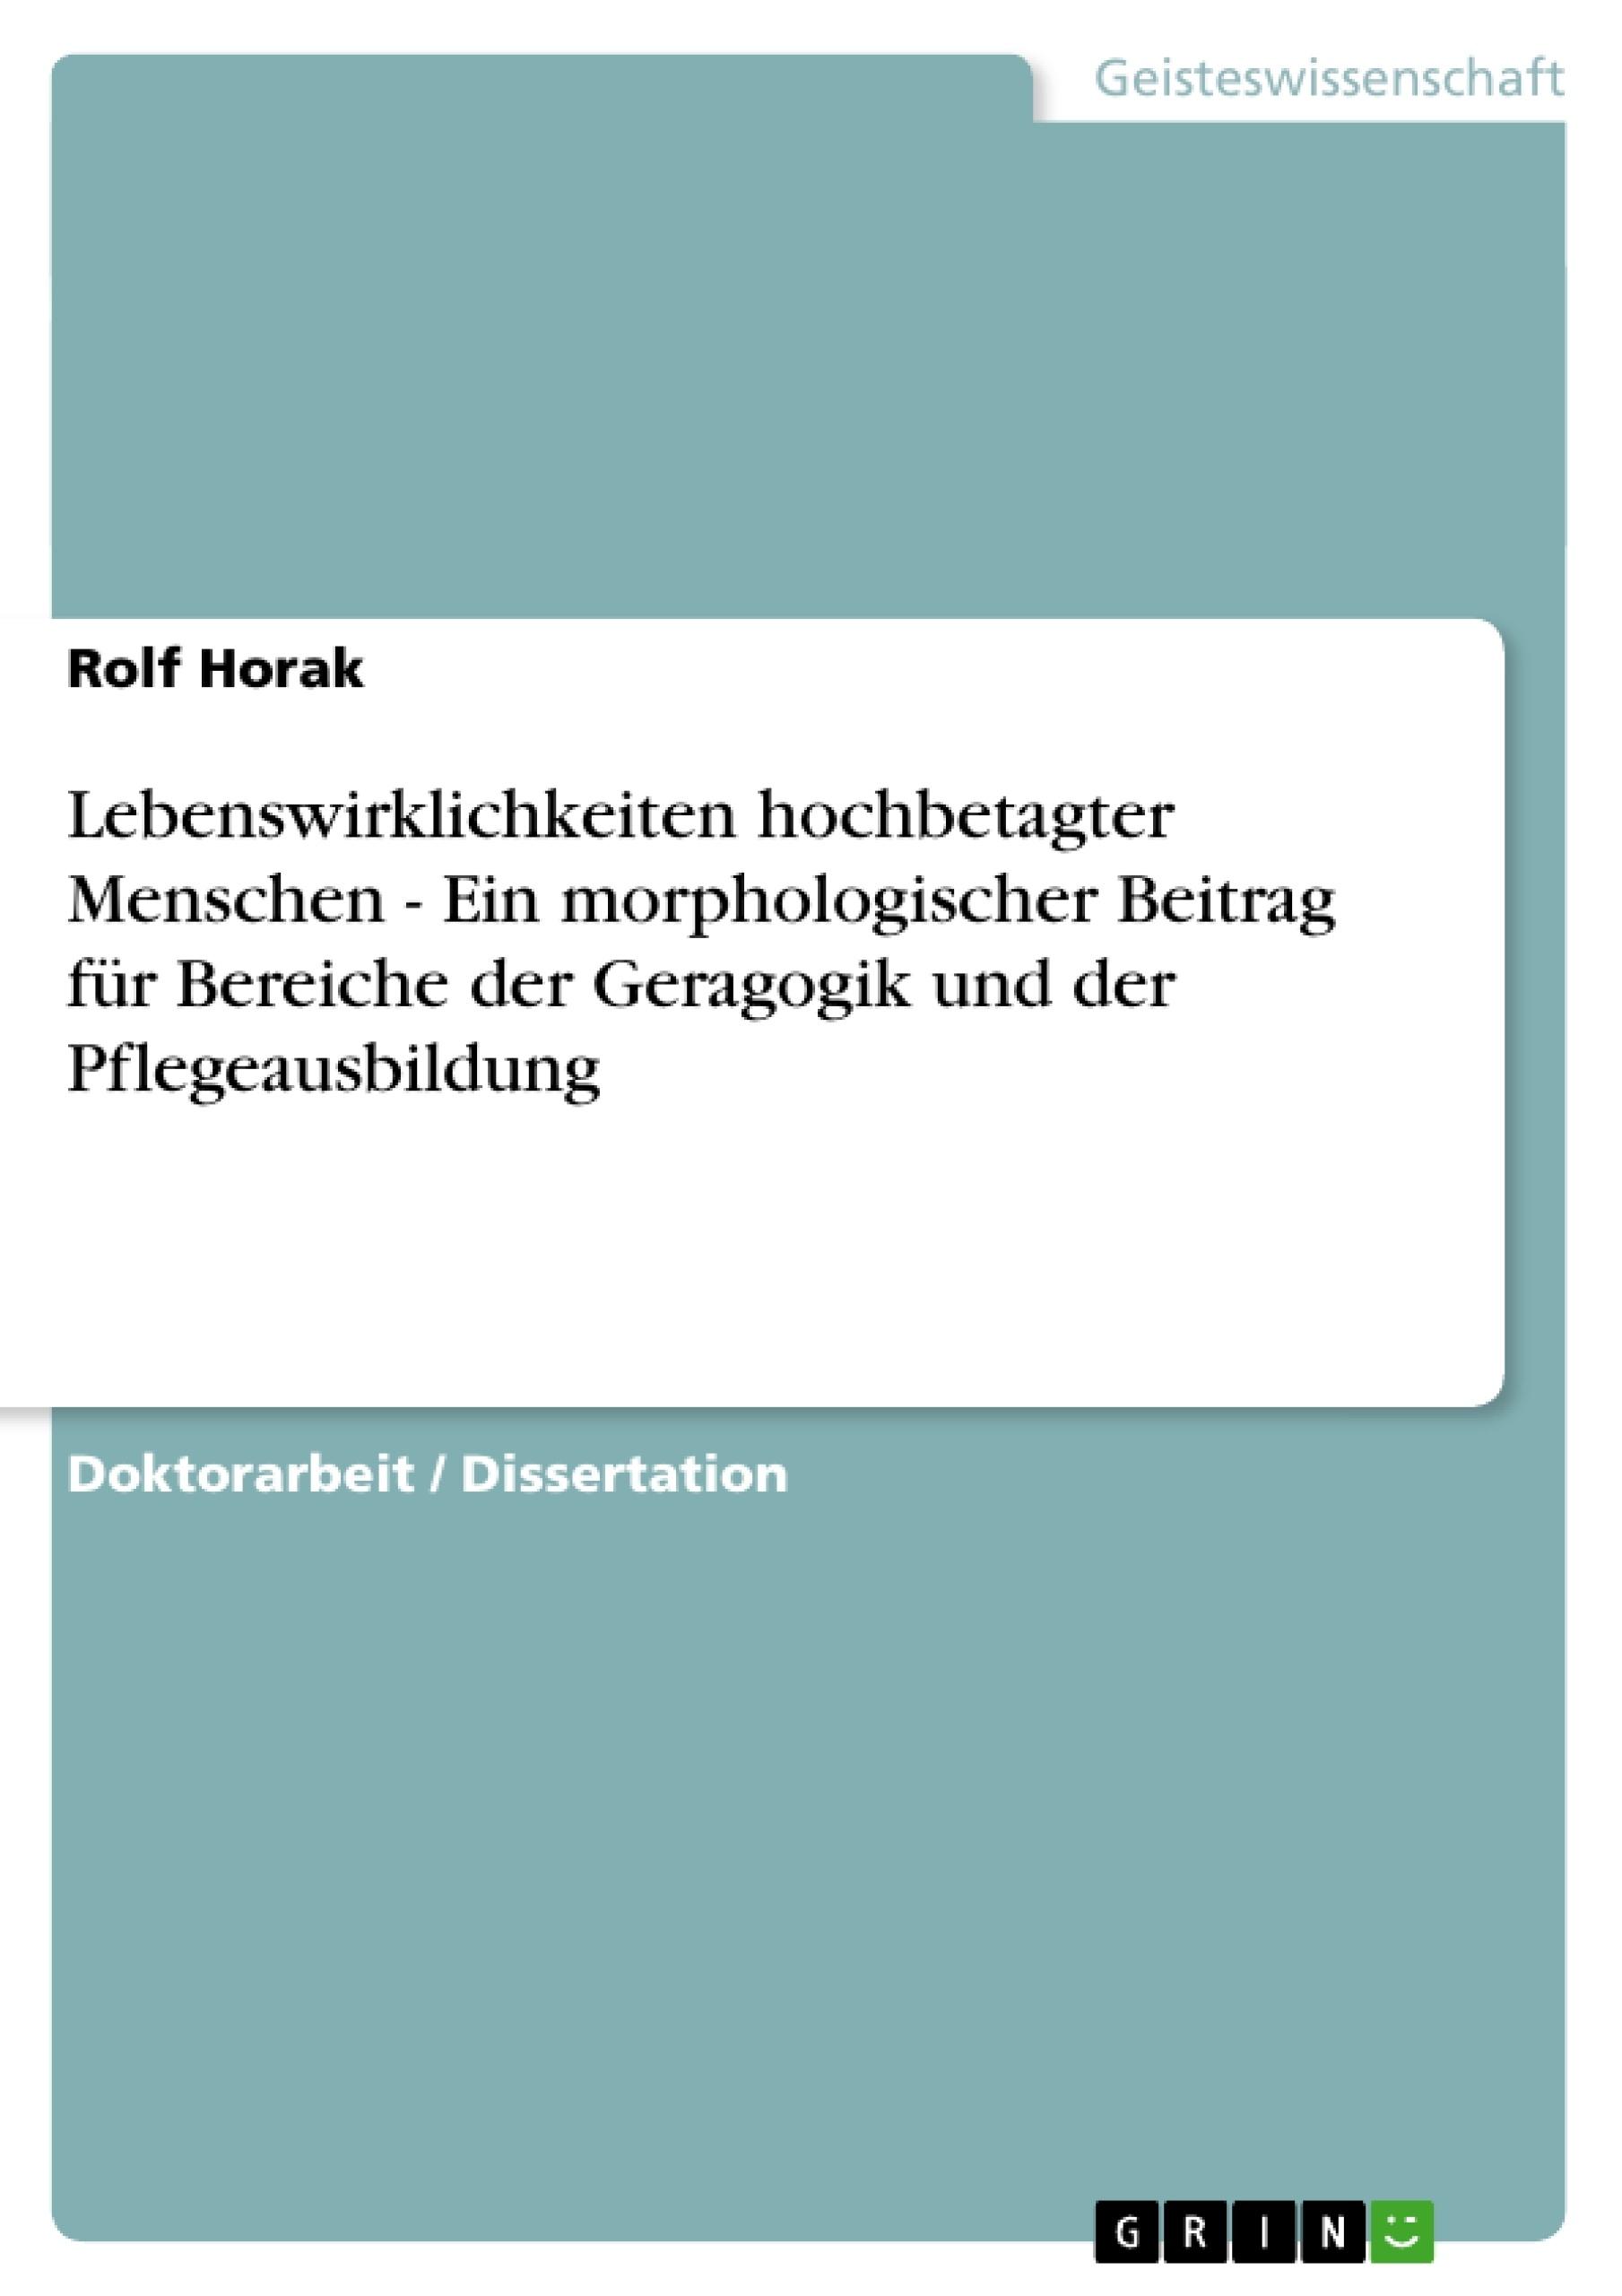 Titel: Lebenswirklichkeiten hochbetagter Menschen - Ein morphologischer Beitrag für Bereiche der Geragogik und der Pflegeausbildung